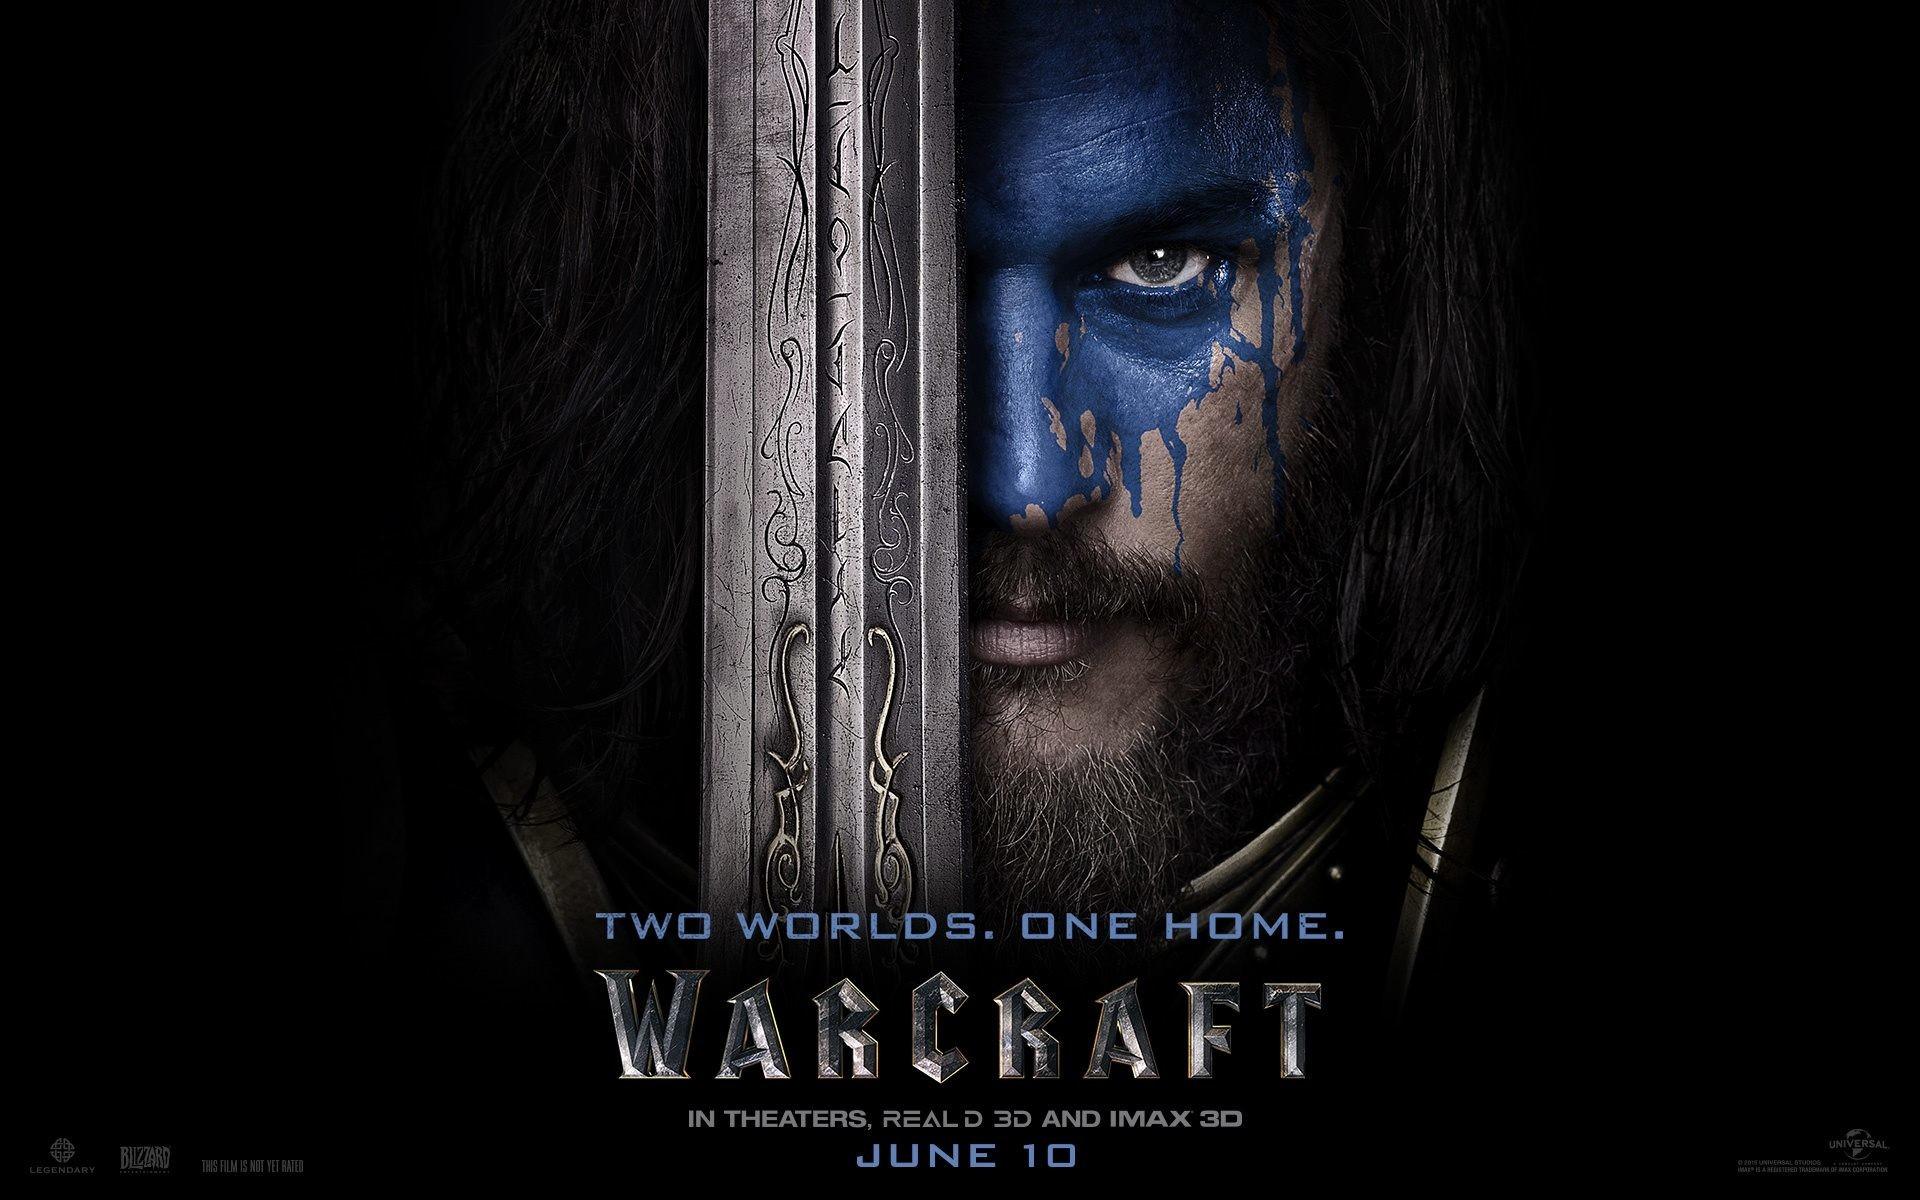 Warcraft Movie, Warcraft, Wow Movie, Movie, Anduin Lothar, Alliance